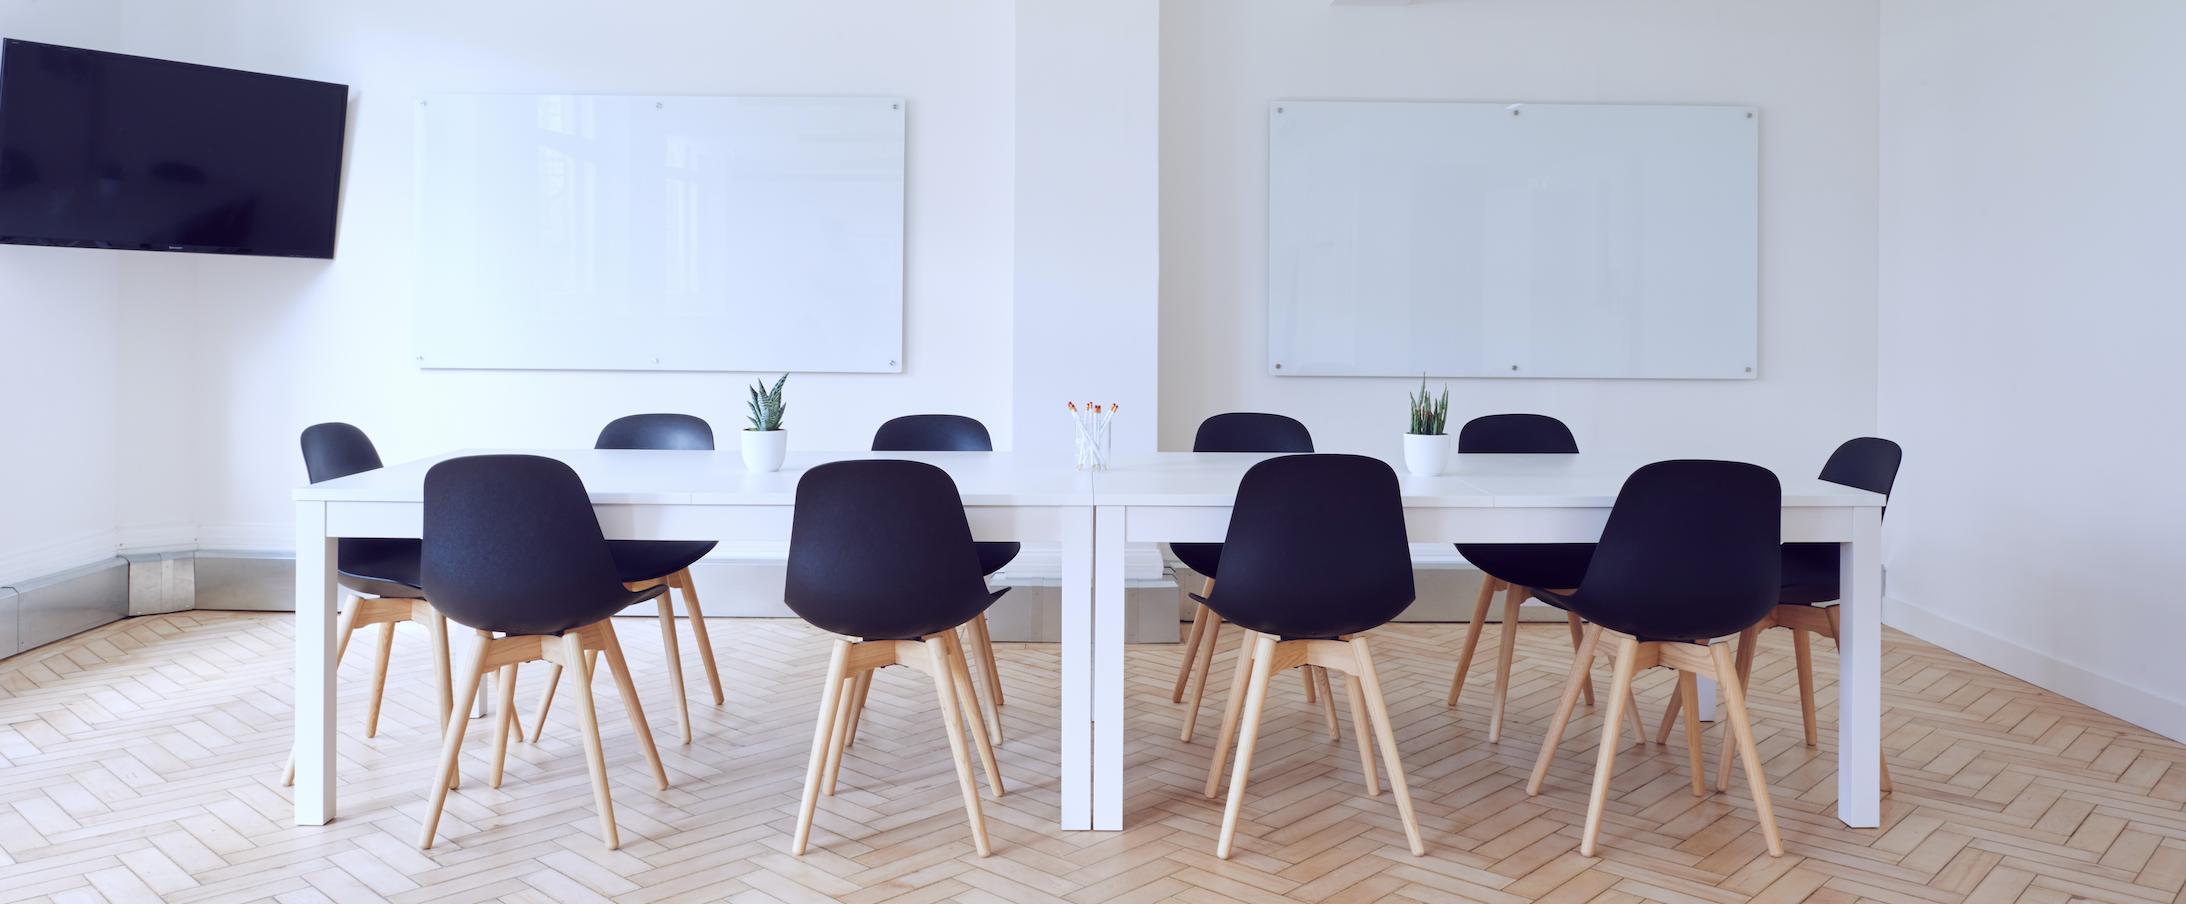 3 étapes essentielles avant d'accueillir votre Sider support clients